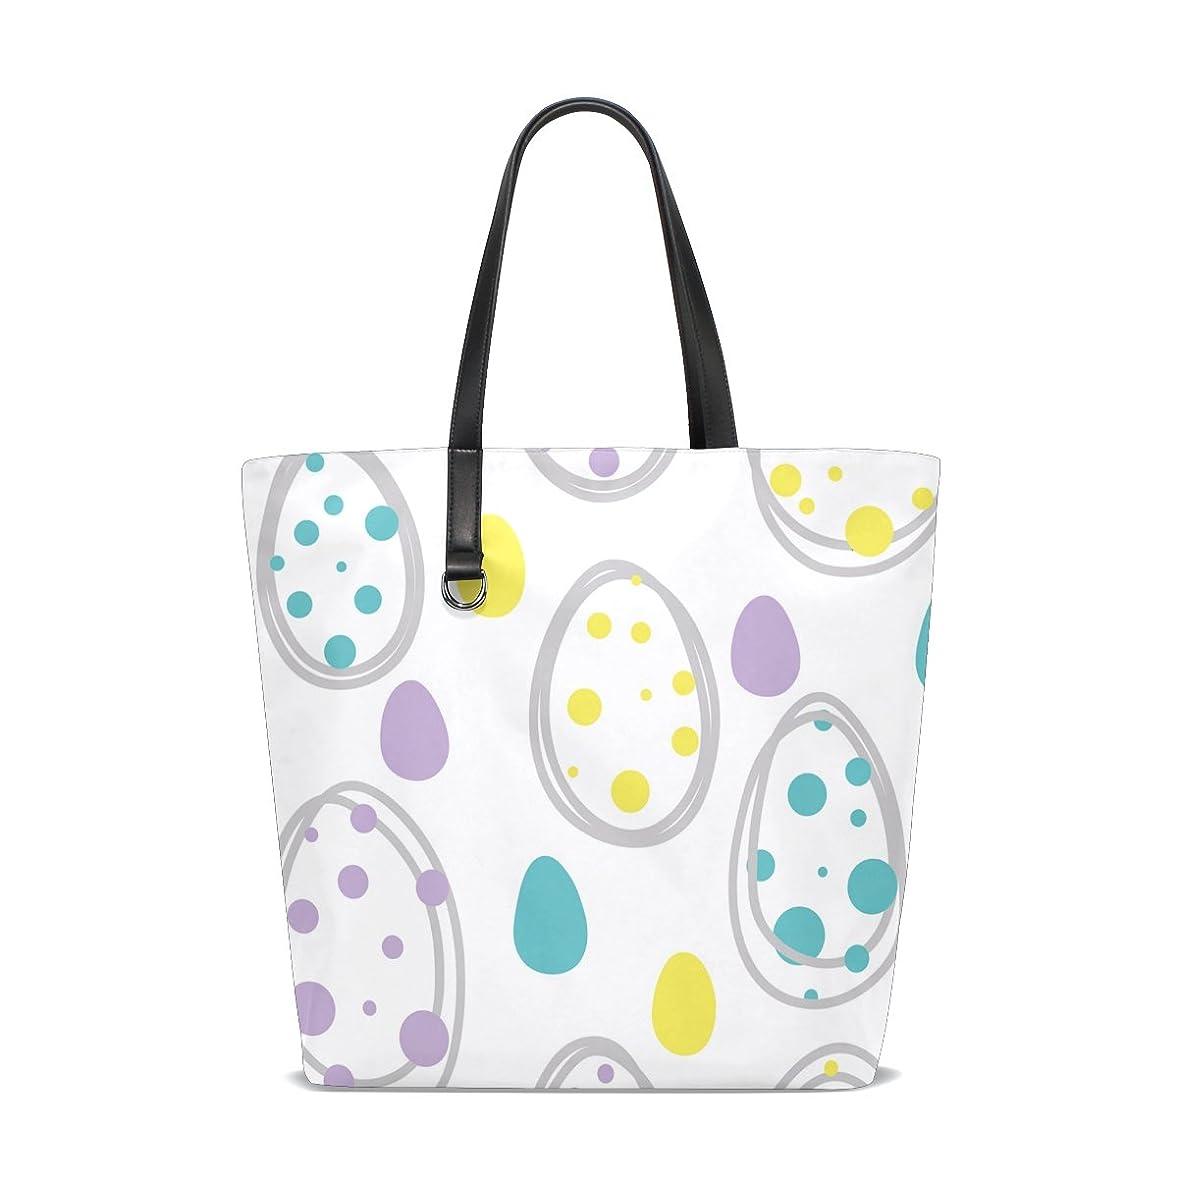 貧困財布同等のトートバッグ かばん ポリエステル+レザー  イースターエッグ柄 可愛い 両面使える 大容量 通勤通学 メンズ レディース